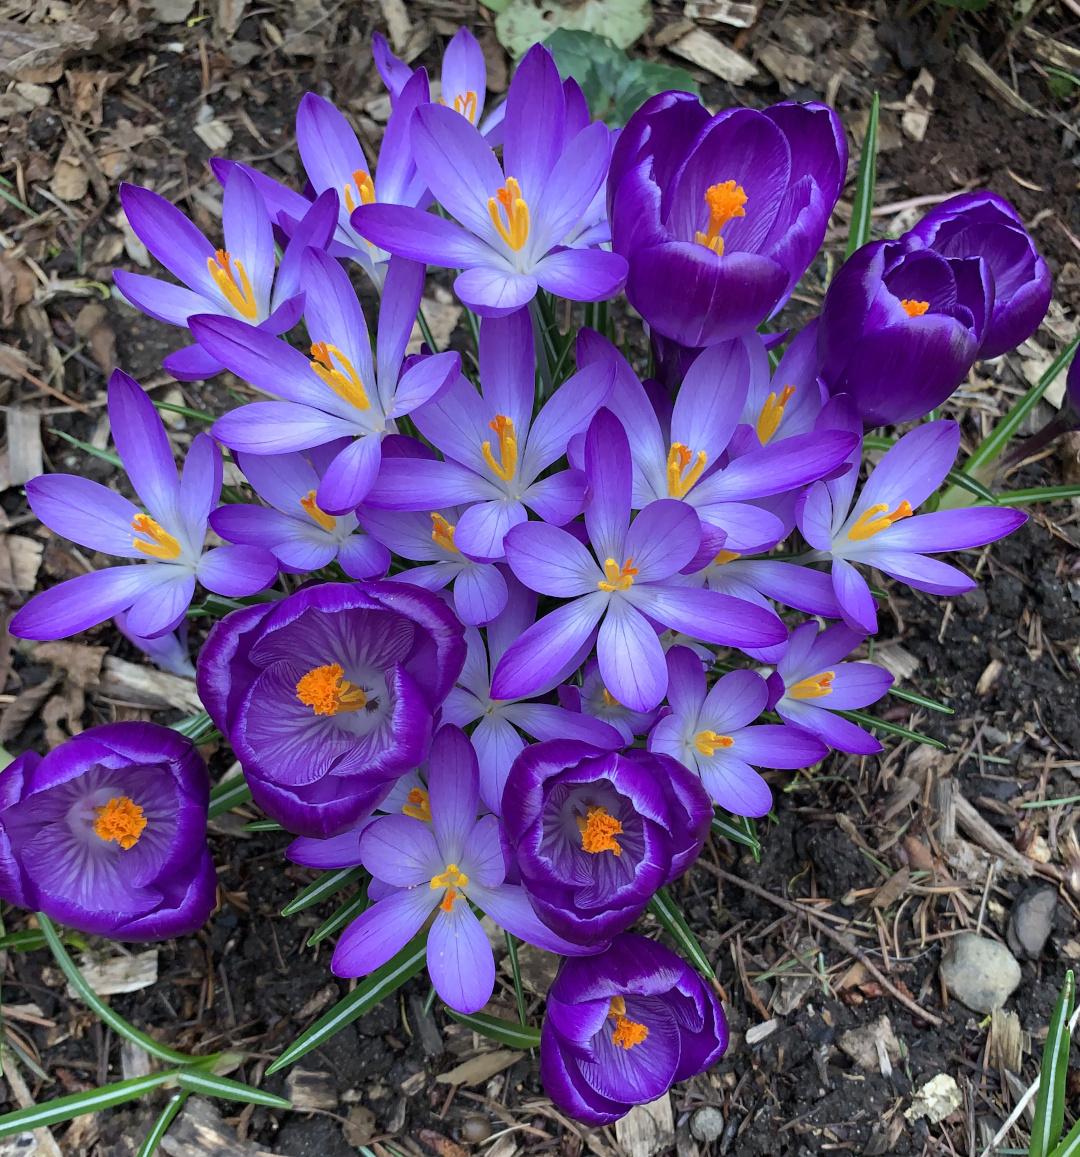 purple flowers blooming in early spring